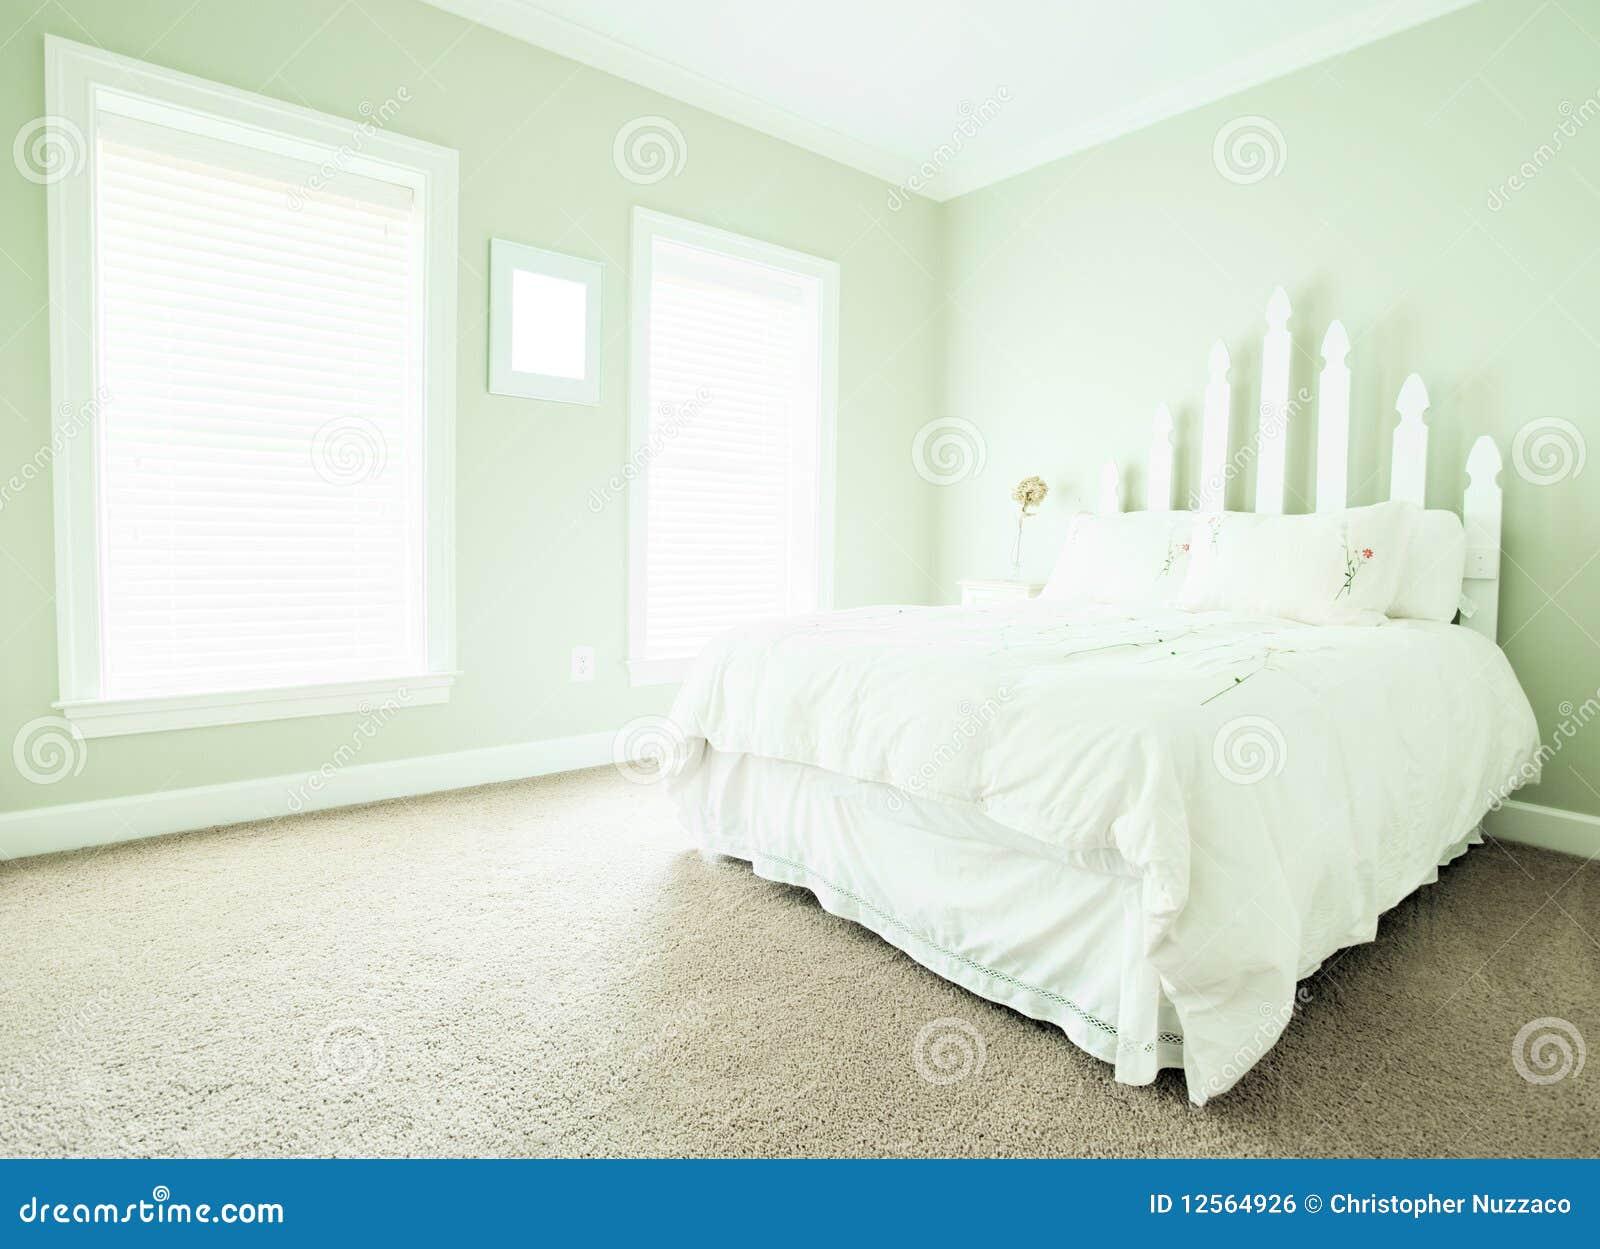 Slaapkamer Pastelkleuren : ... Stock Afbeelding: Het Binnenland van de ...